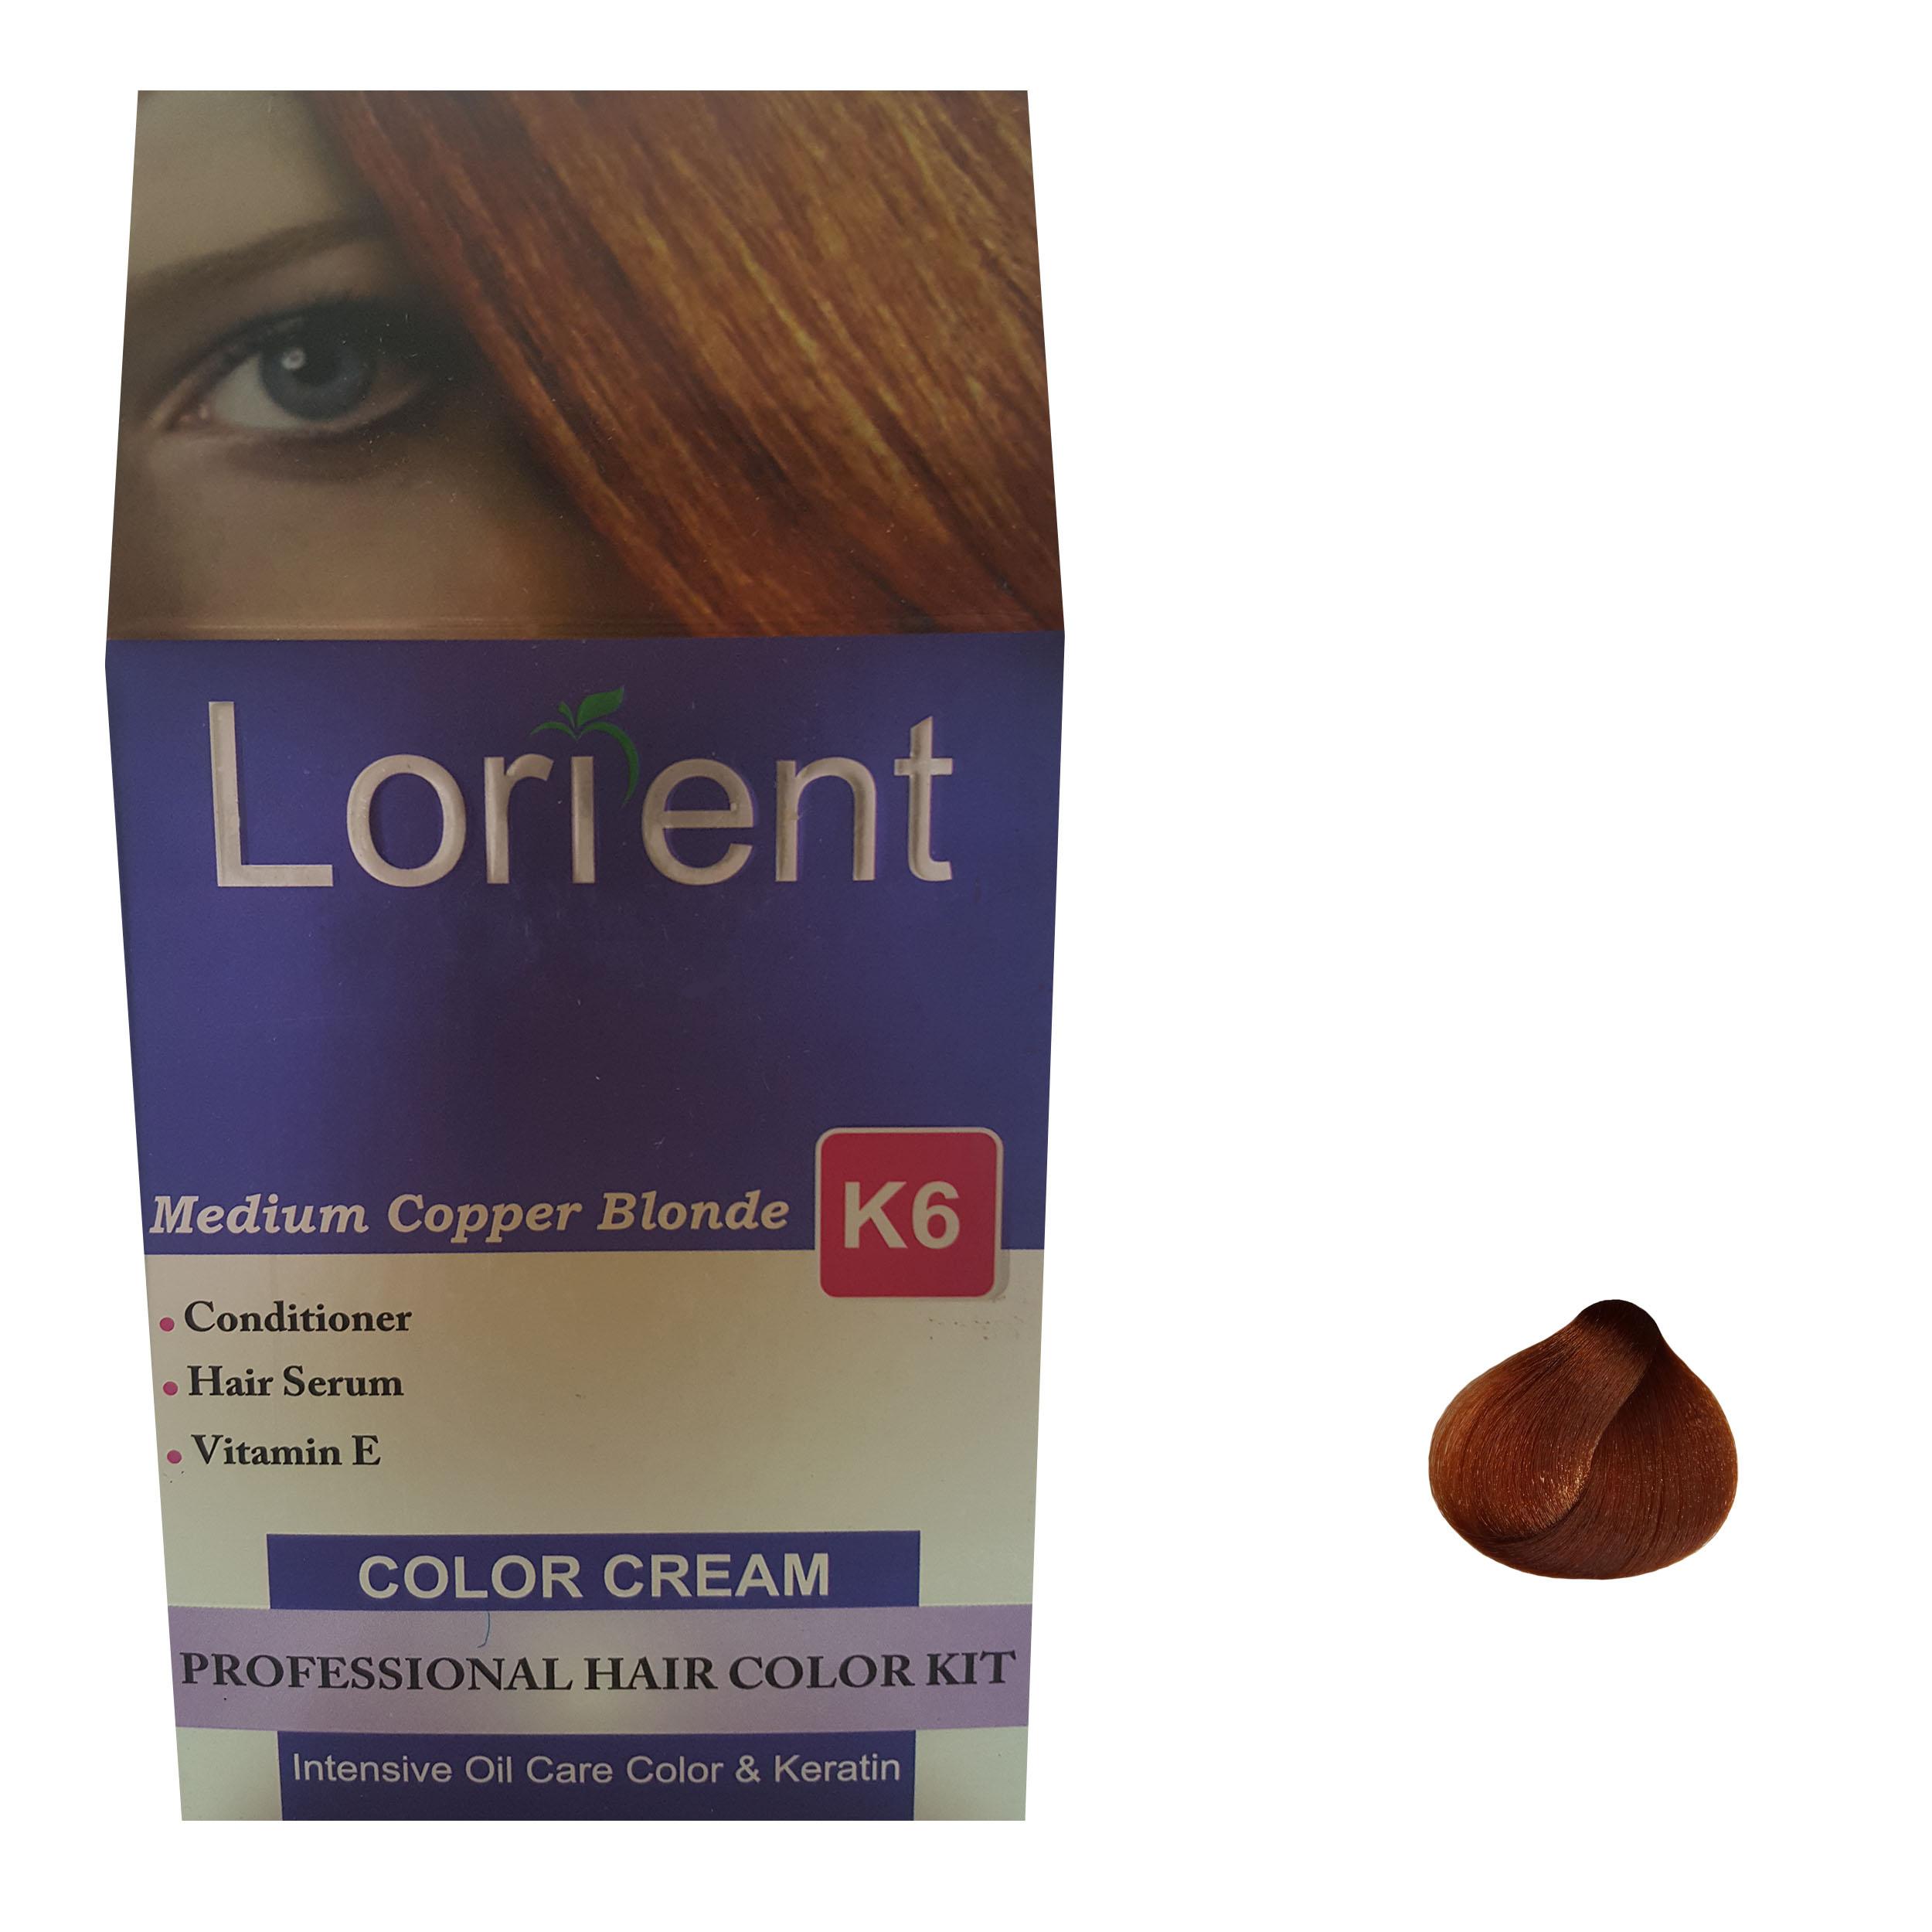 کیت رنگ مو لورینت شماره K6 حجم 100 میلی لیتر رنگ بلوند مسی متوسط